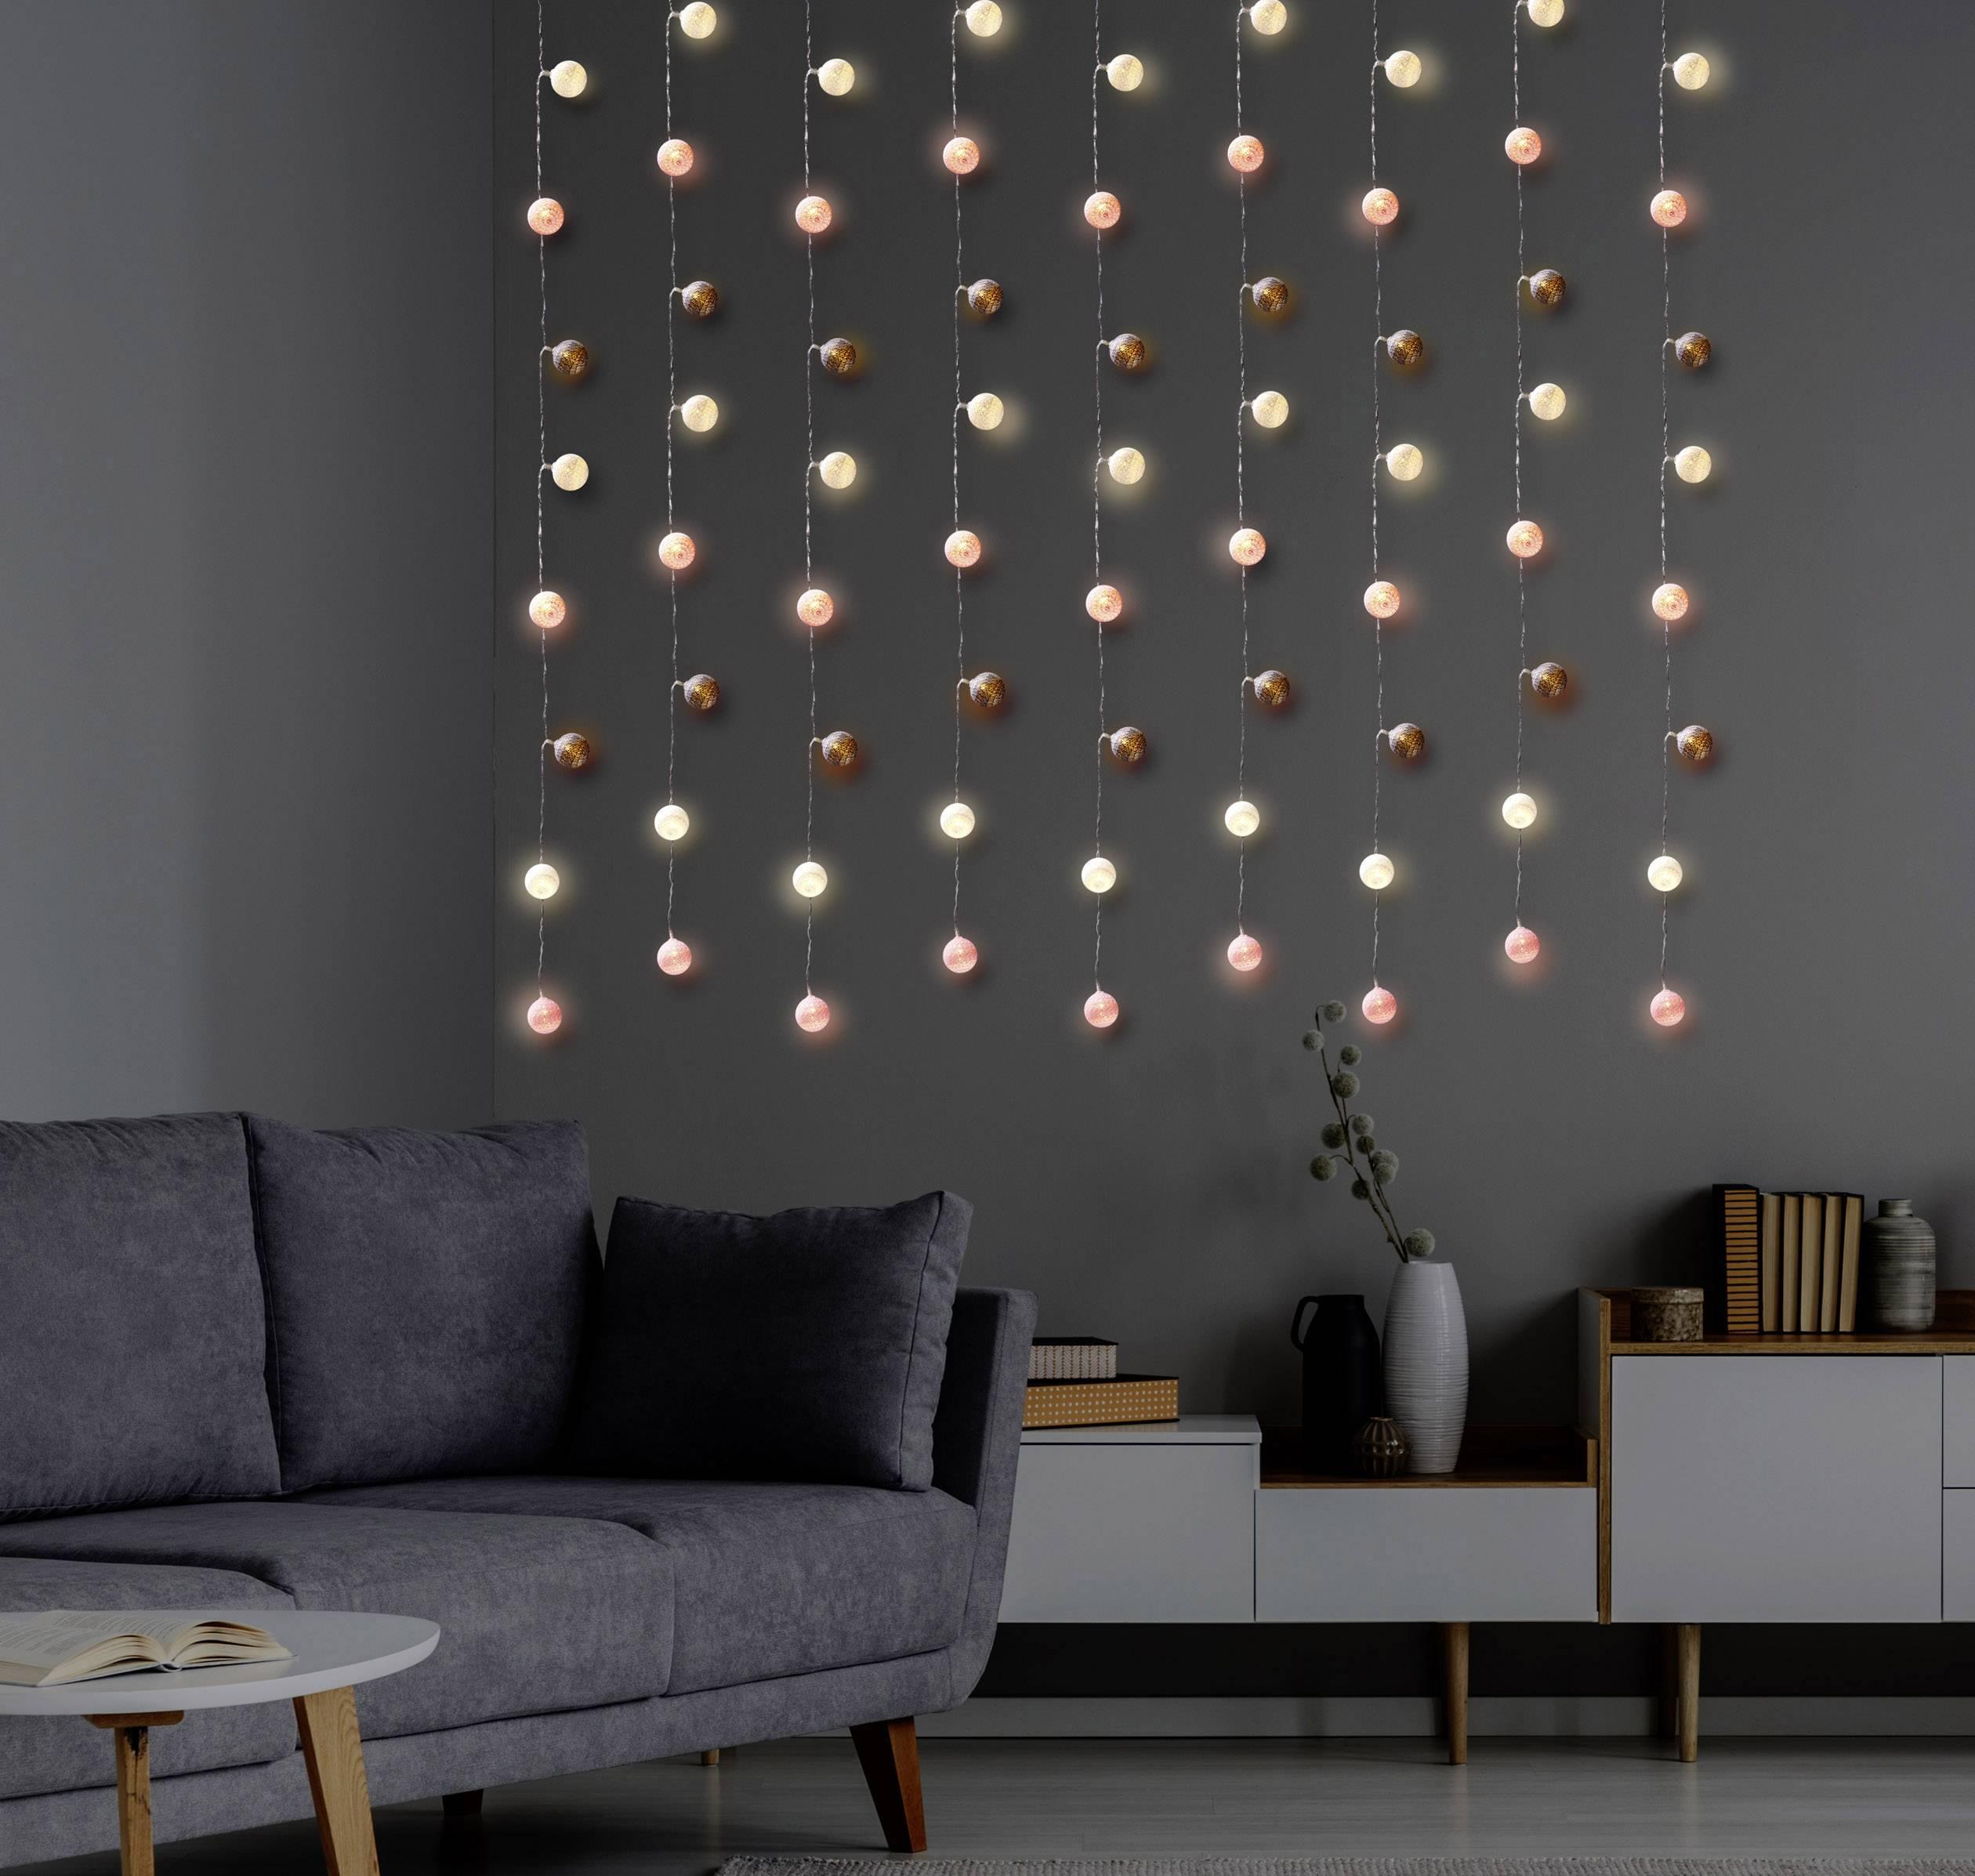 LED světelný řetěz s motivem, vánoční koule Polarlite PL-8393880;PLKL-20WWSC, vnitřní, na baterii, LED 20, teplá bílá, 3.15 m